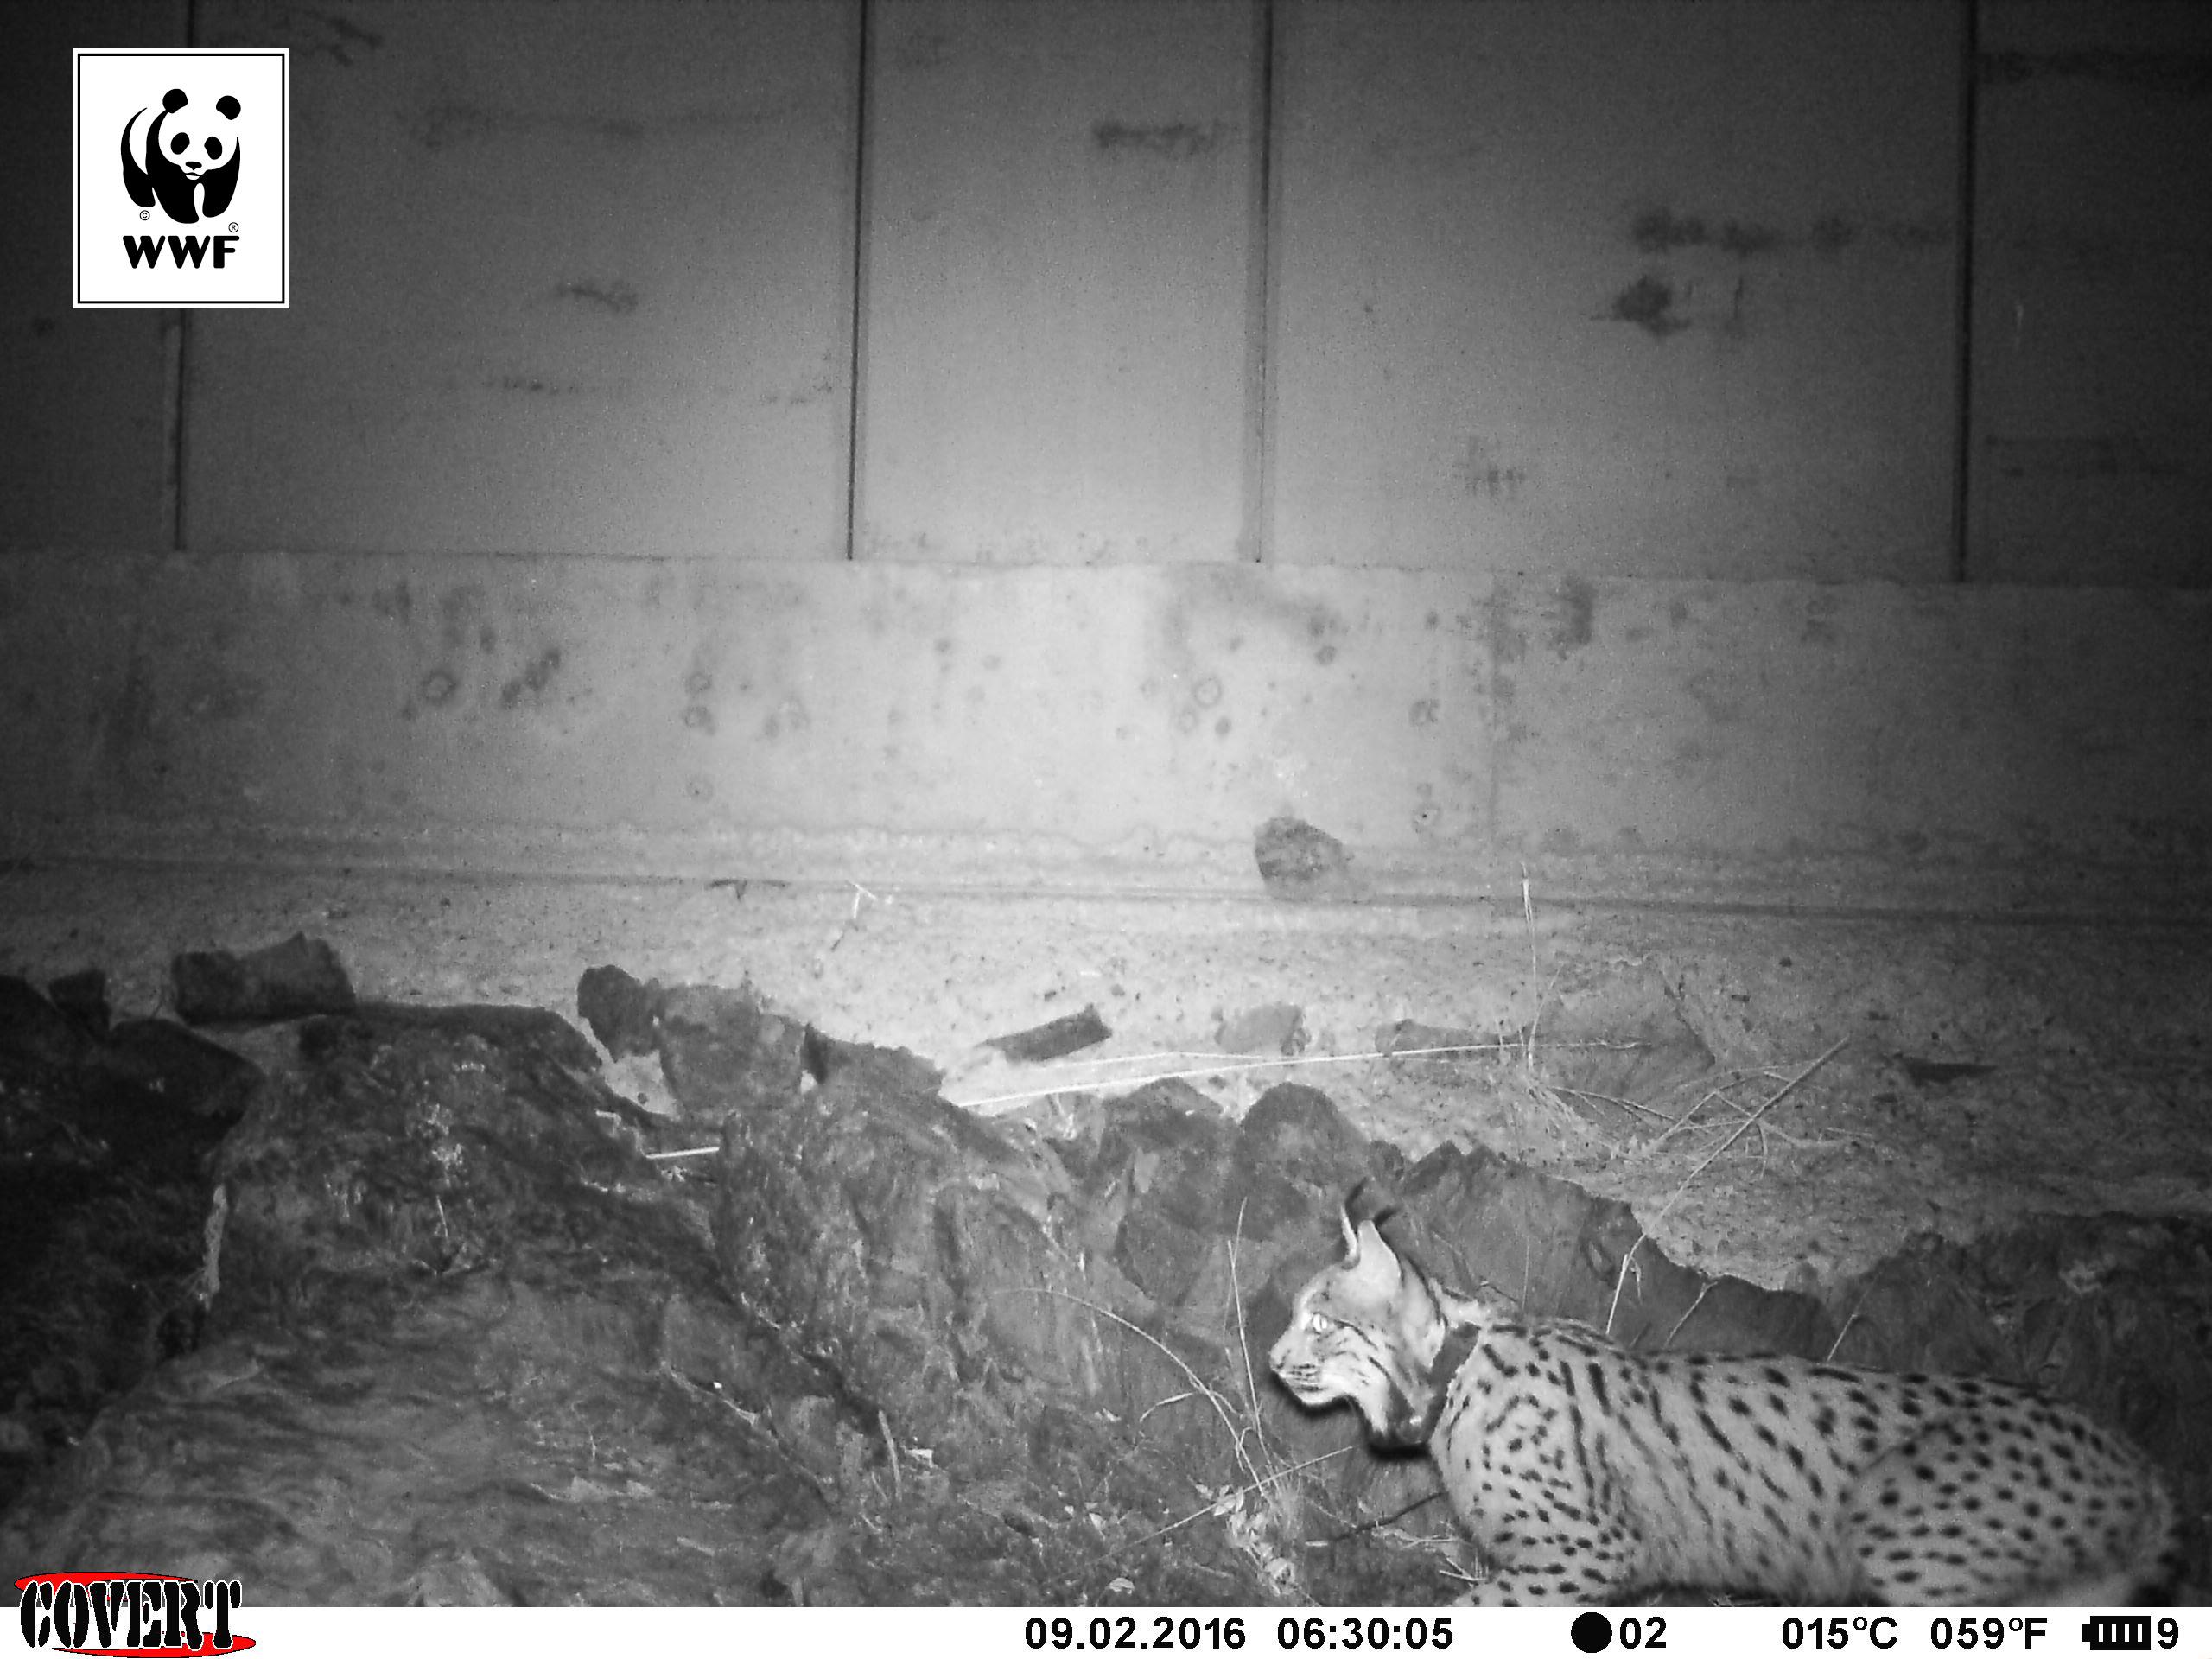 Un lince es captado por una cámara de fototrampeo haciendo uso de un paso de fauna. Imagen: WWF